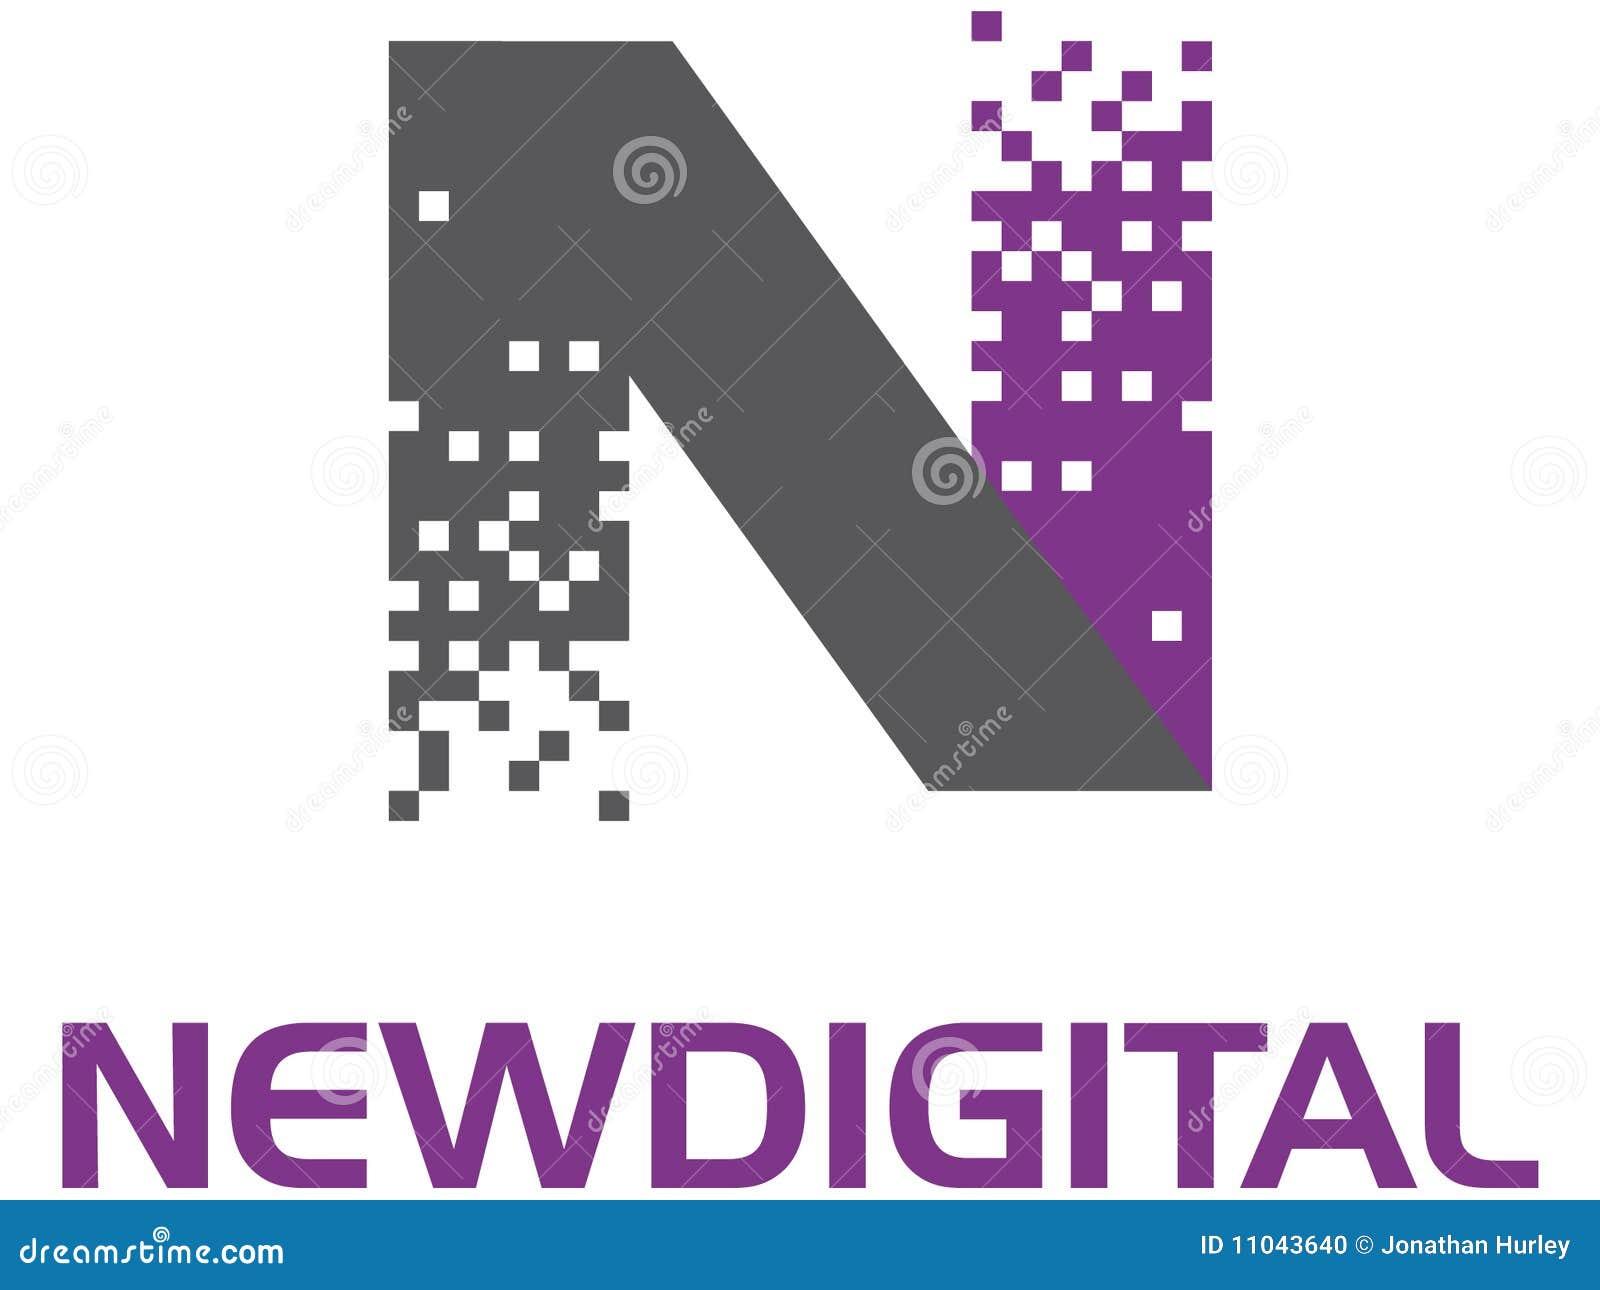 how to make a digital logo